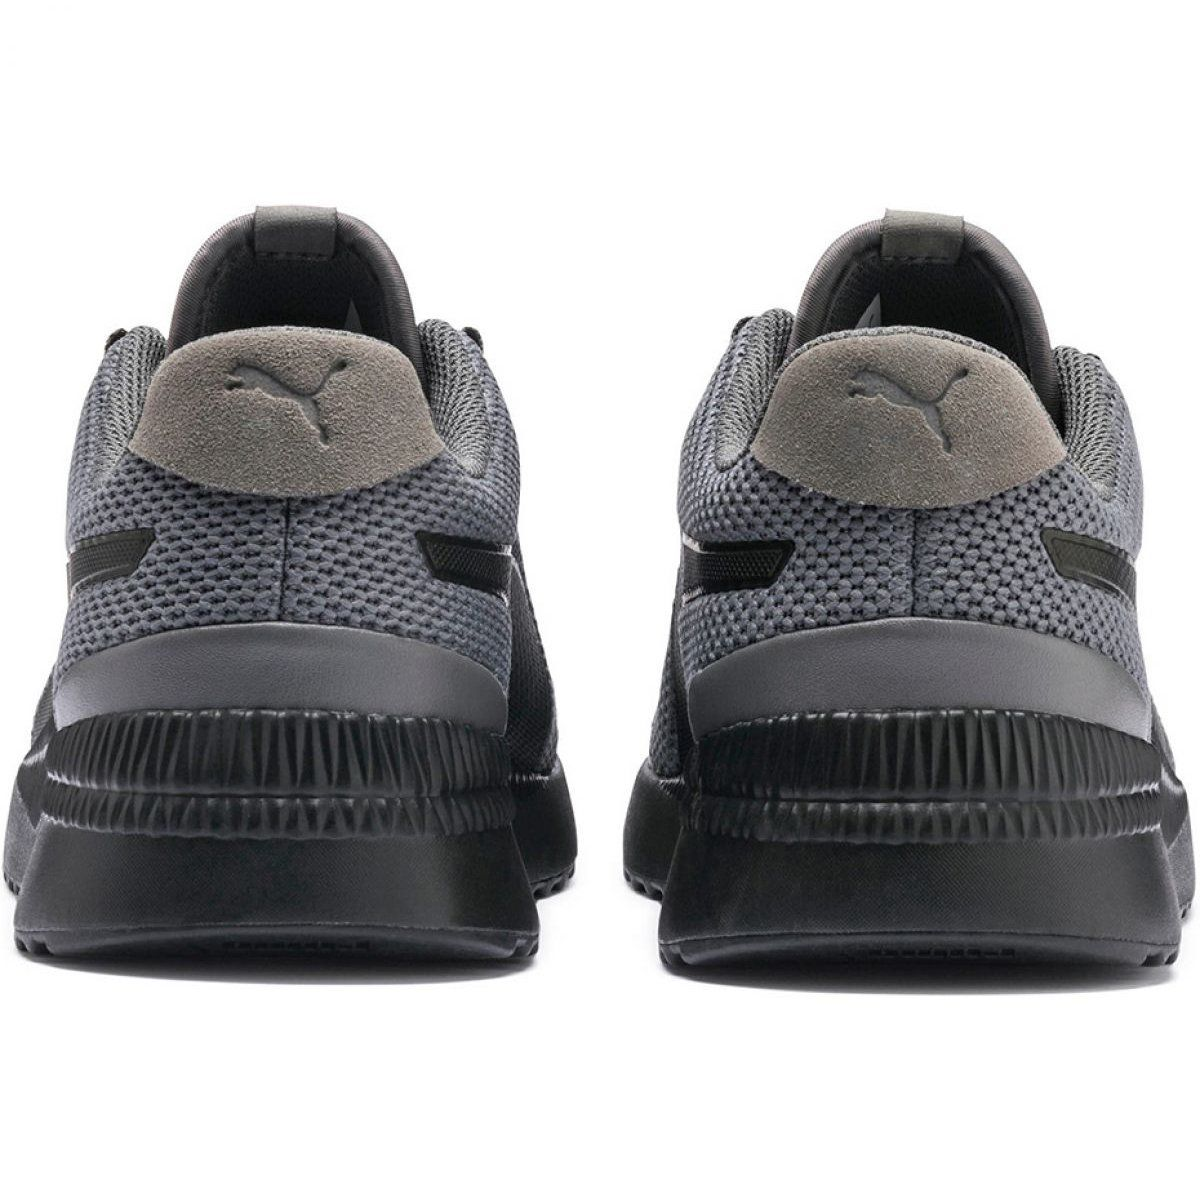 Buty Puma Pacer Next Fs Knit 2 0 370507 02 Szare Sport Shoes Men Shoes Puma